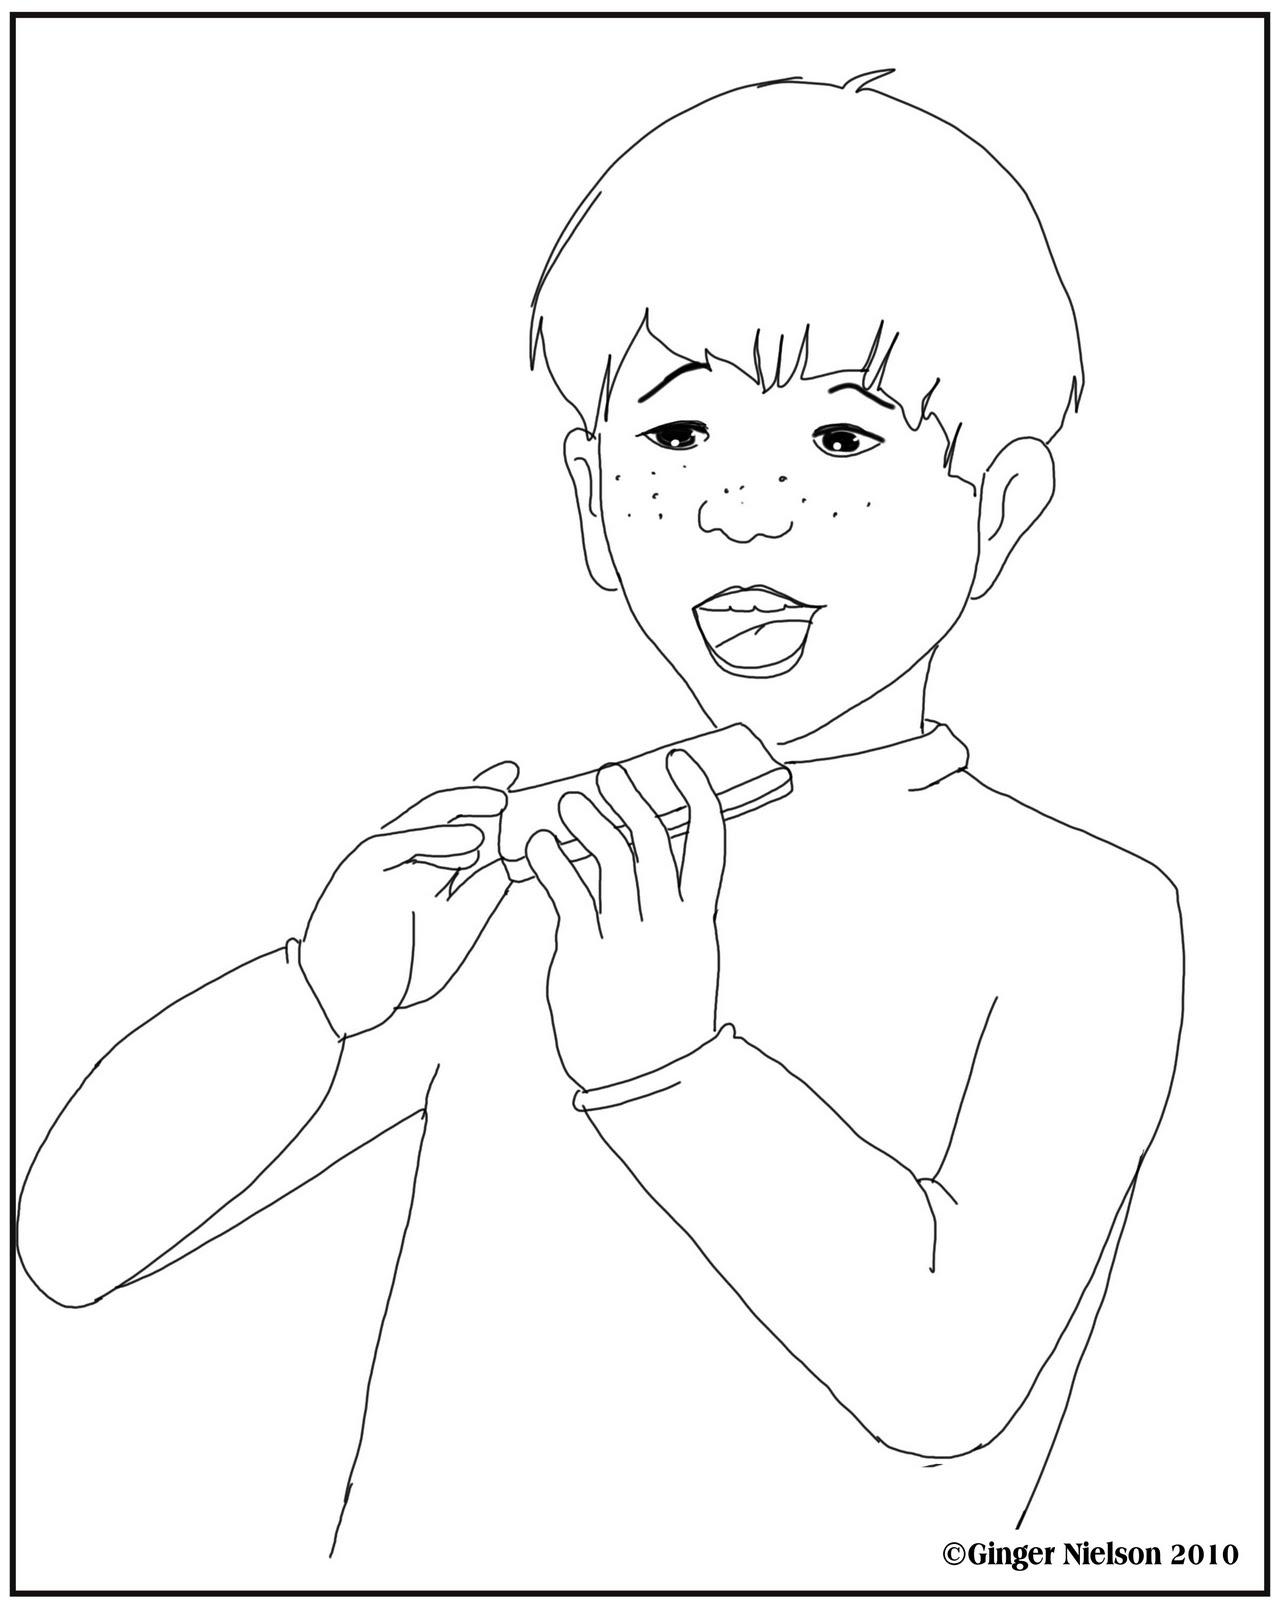 ginger nielson an illustrator u0027s journal september 2010